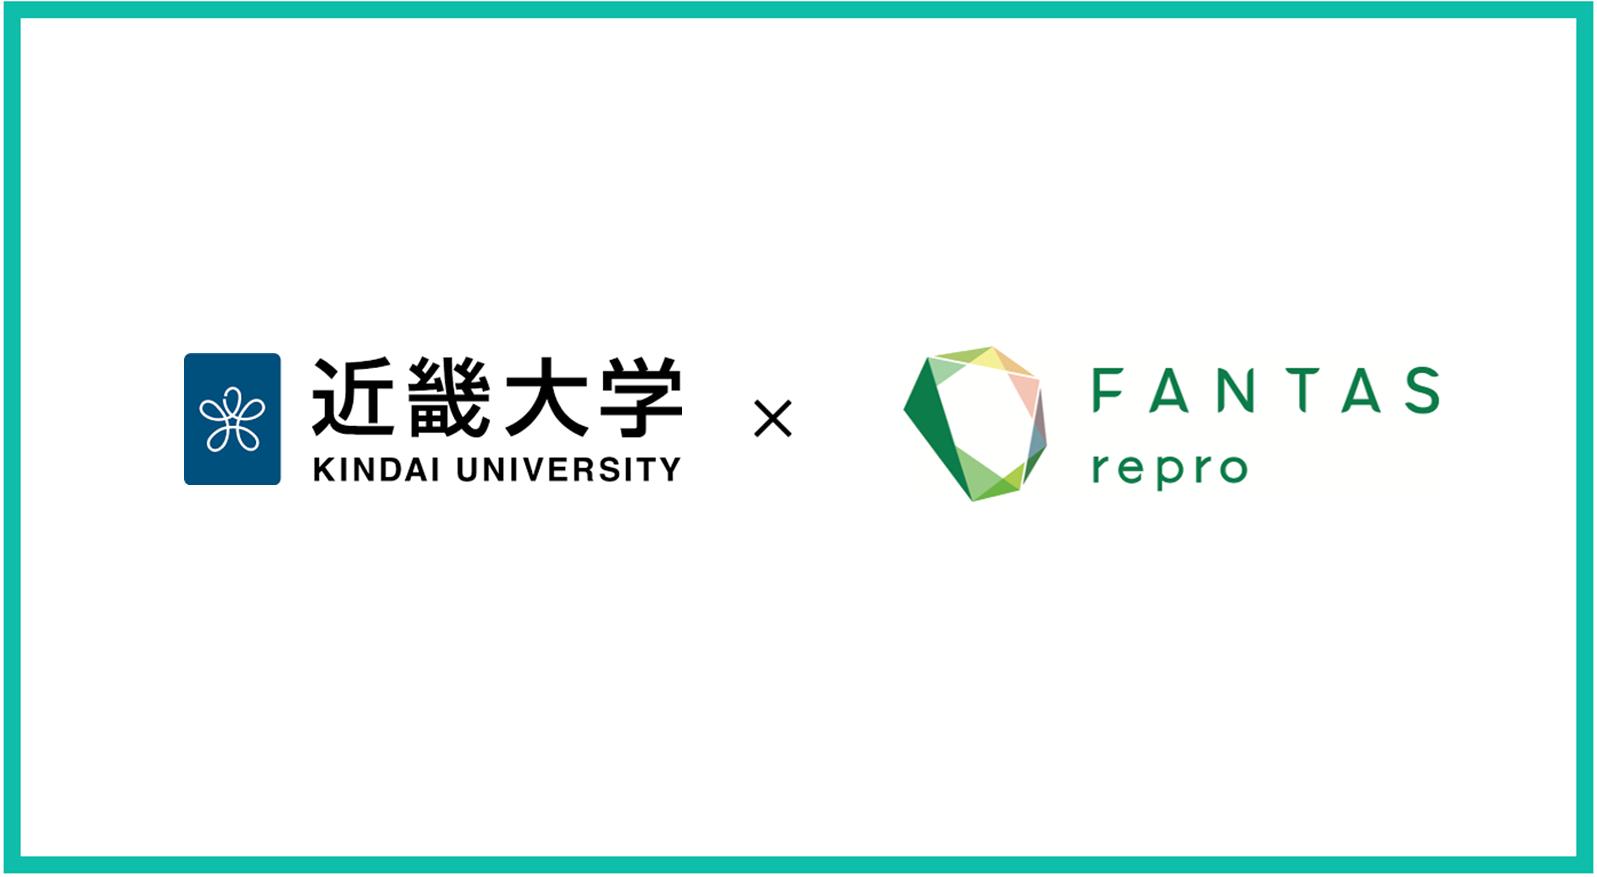 空き家プラットフォーム「FANTAS repro」と「近畿大学」 産官学連携による「空き家問題」解決を目指し、共同ワークショップを開催 ~6月28日・7月5日・7月12日の全3回、オンライン内覧やアイデアソンを実施~